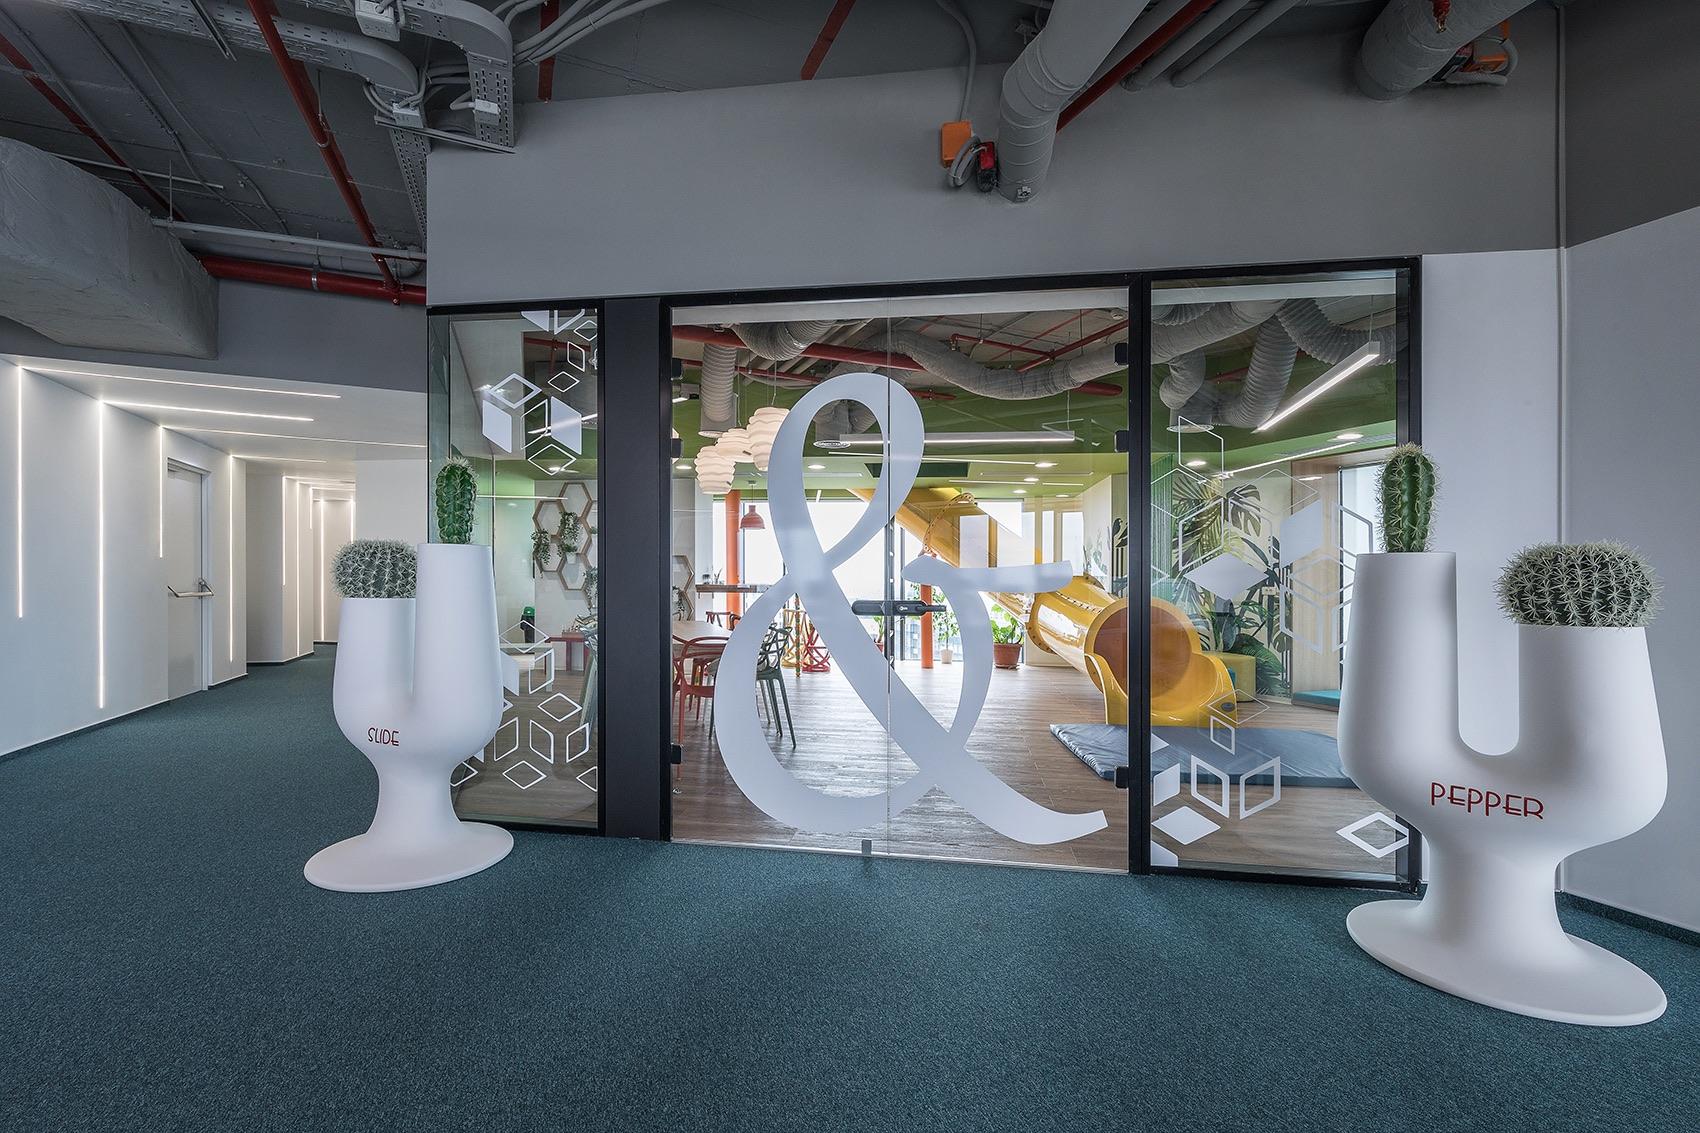 Khu vực chung trong thiết kế văn phòng công nghệ NTT